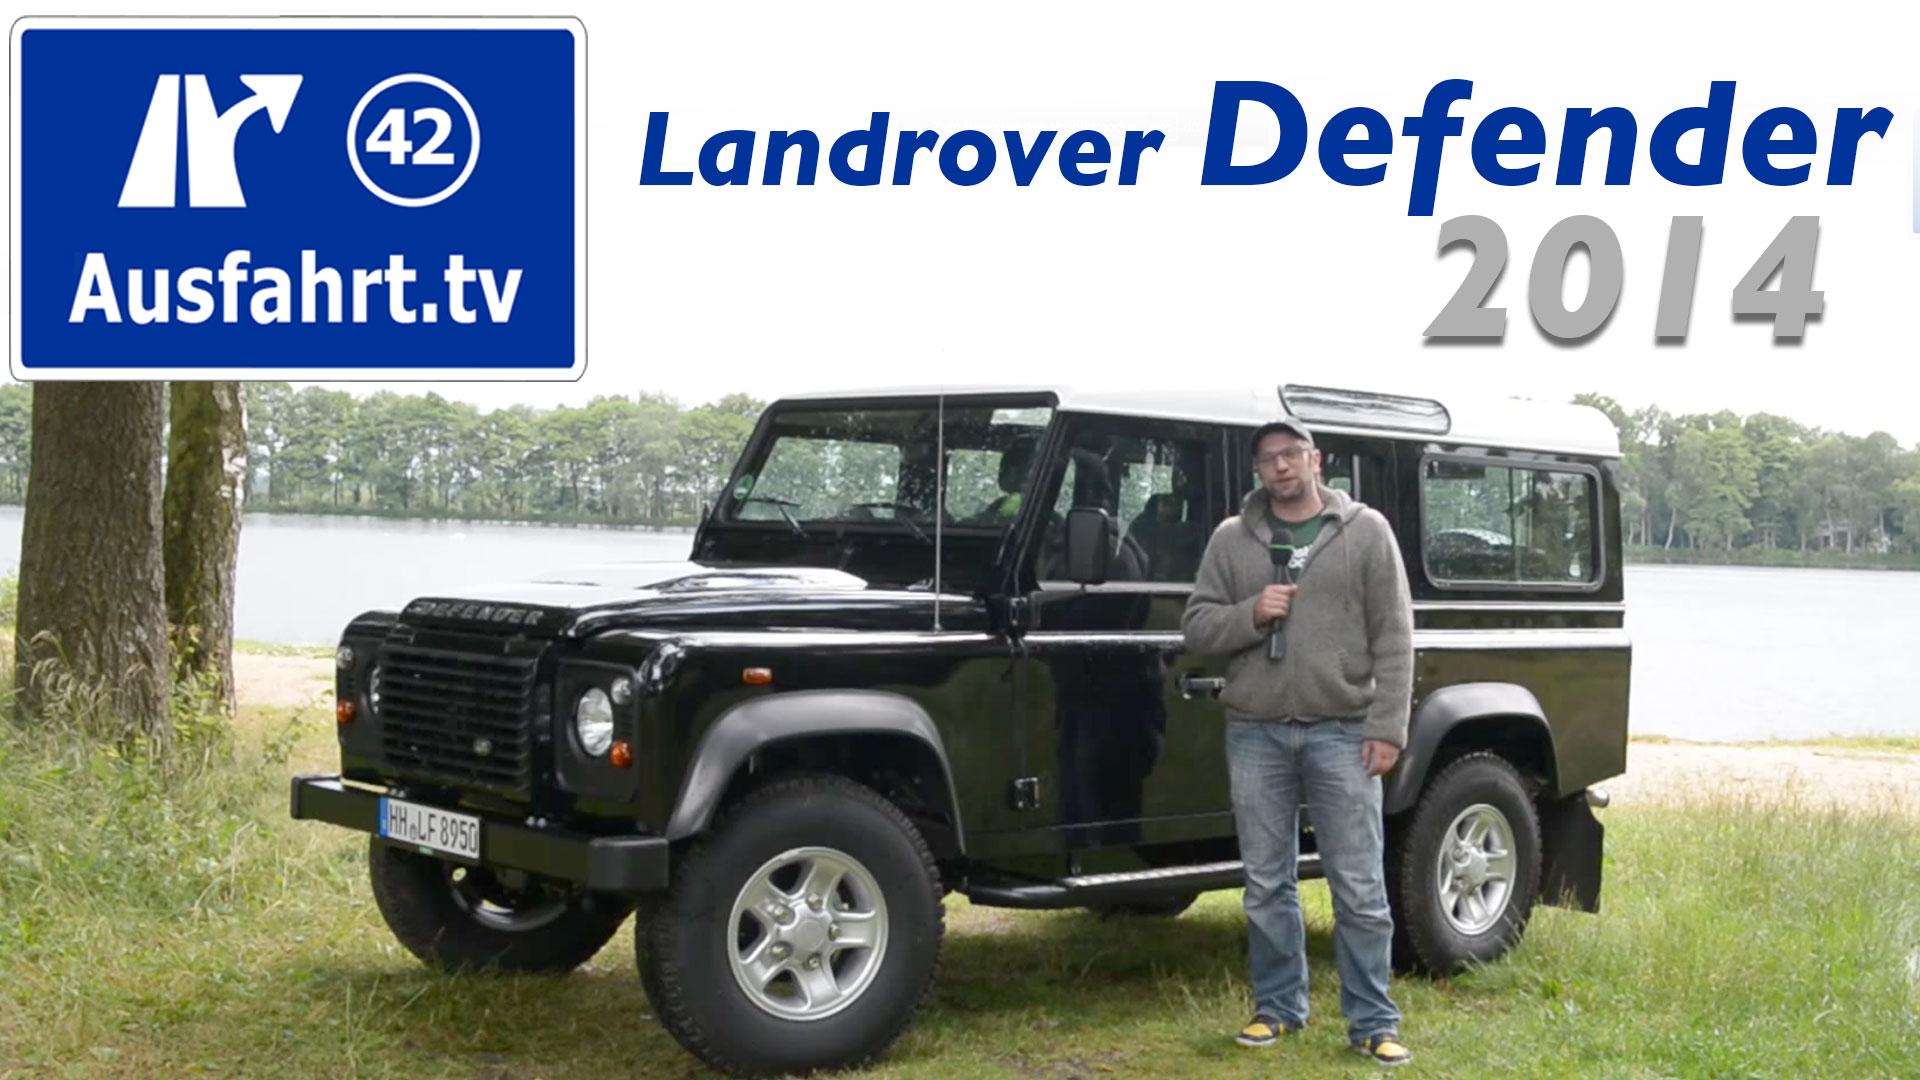 2014 Landrover Defender 110 Station Wagon Se Land Rover